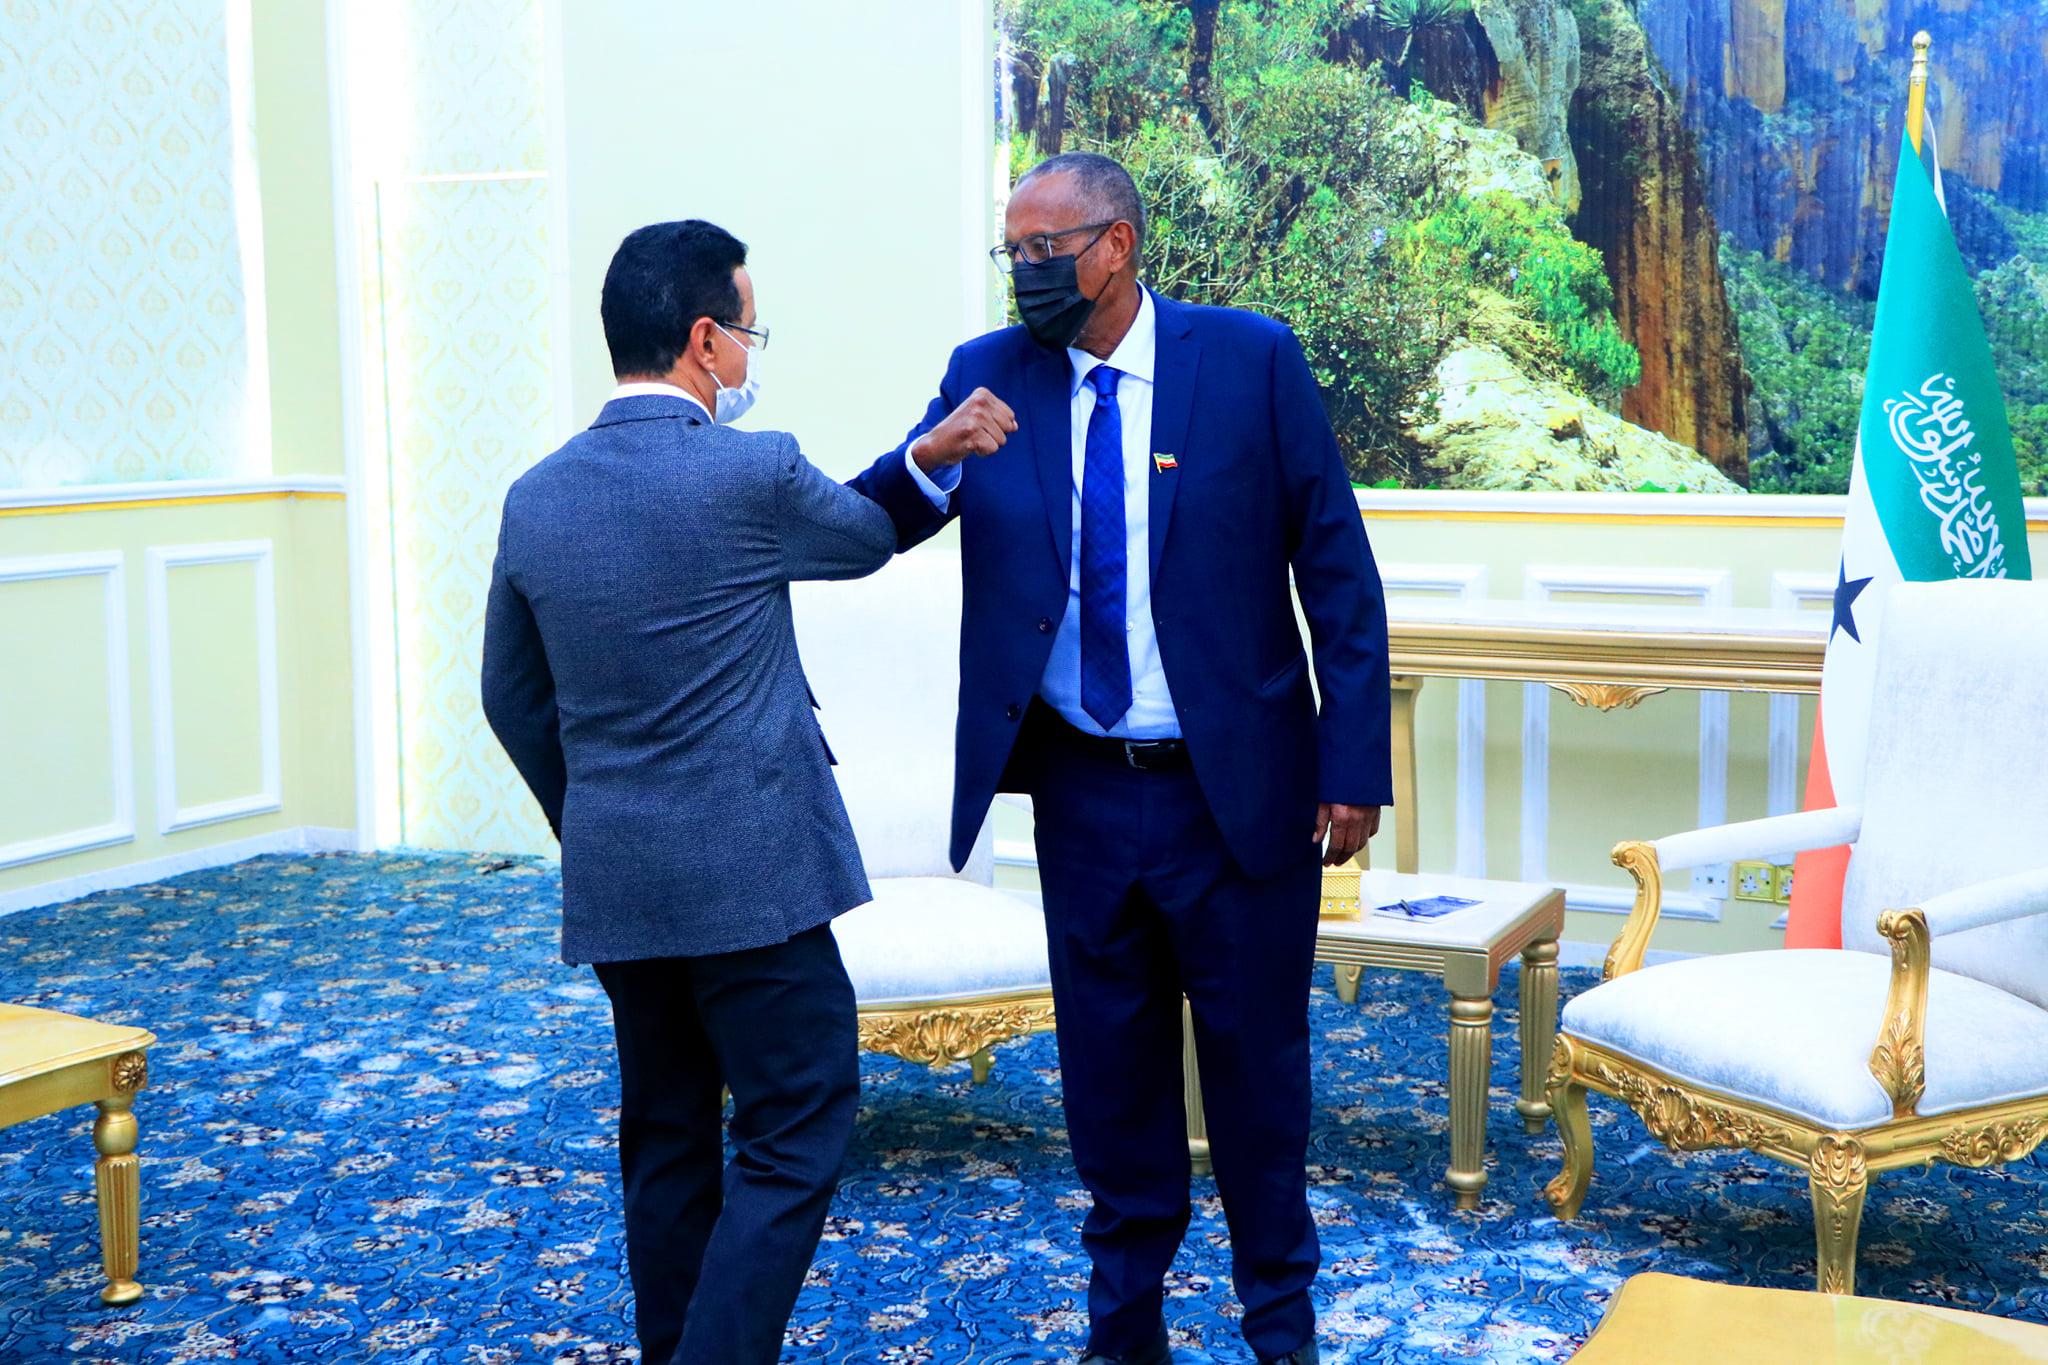 Madaxweynaha Somaliland Oo Qaabiley Gudoomiyaha Shirkada DP World ahna Maareeyaha Guud.